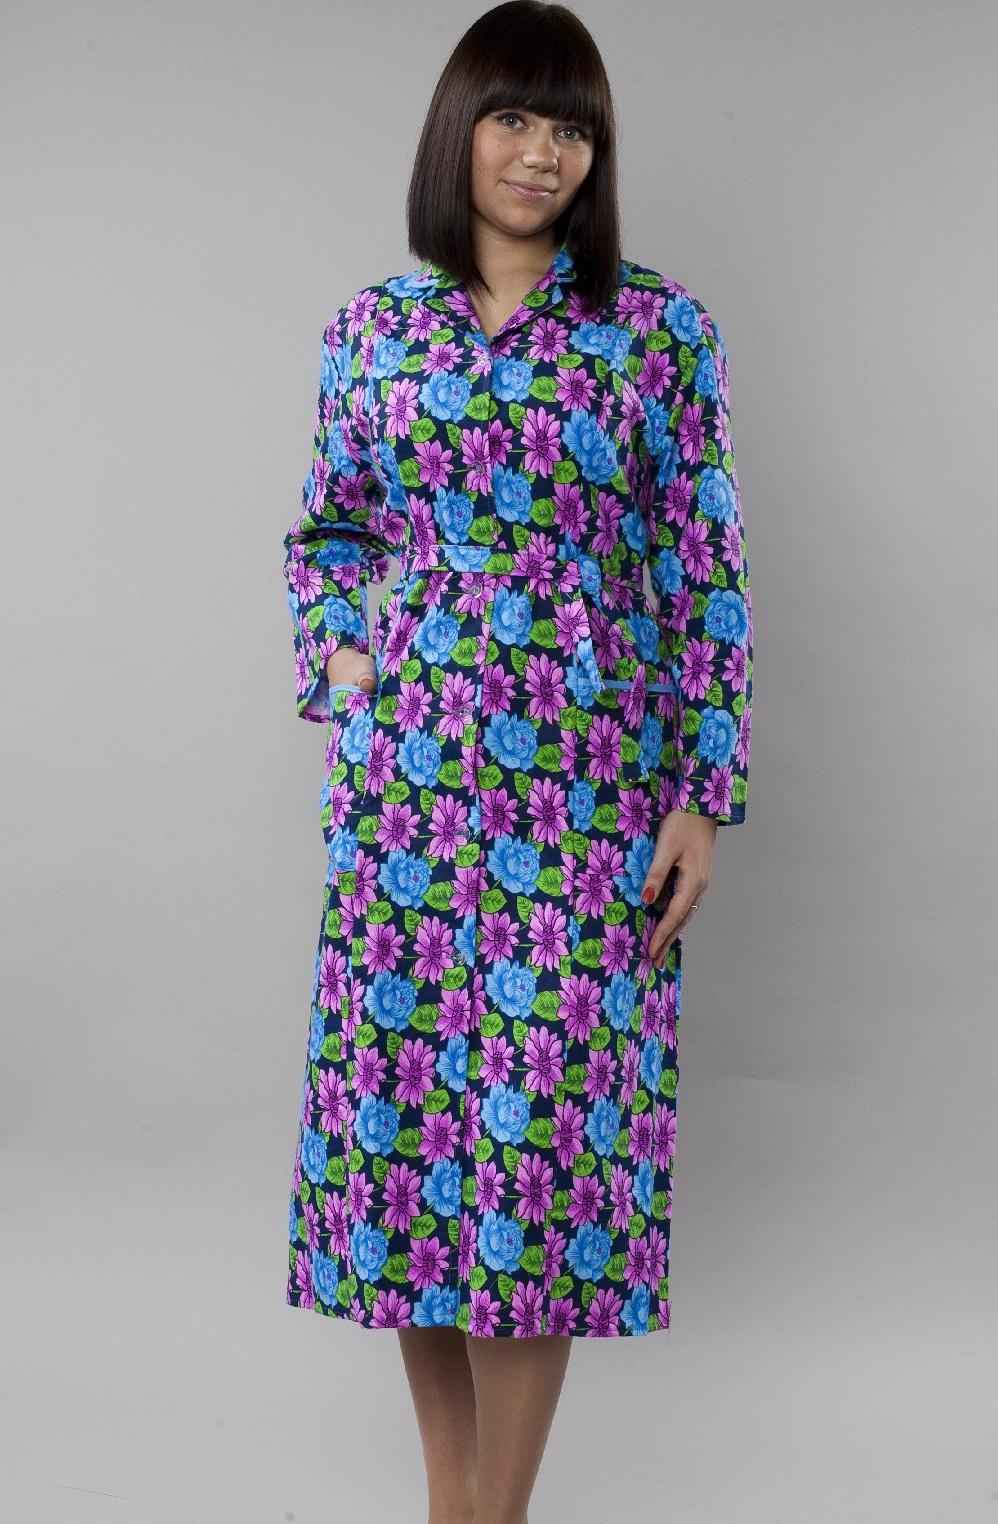 b53caf619c8ed Именно женщина в красивых одеяниях, окутанная мягкостью и теплом, создает  настроение добра и согласия. Фланелевый халат может стать той самой вещью,  ...